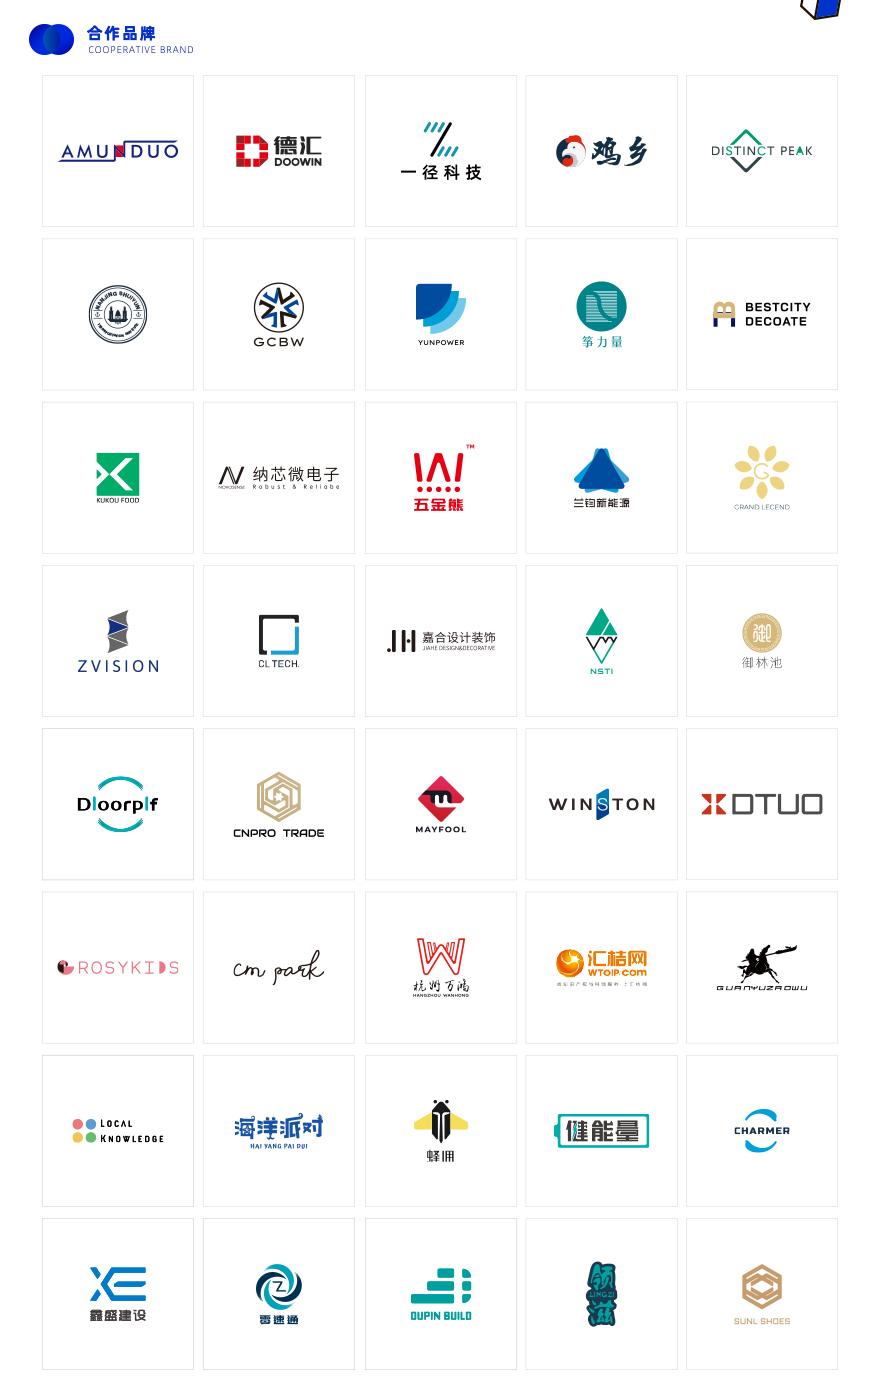 朗露设计品牌设计案例合集(2020年6月版)